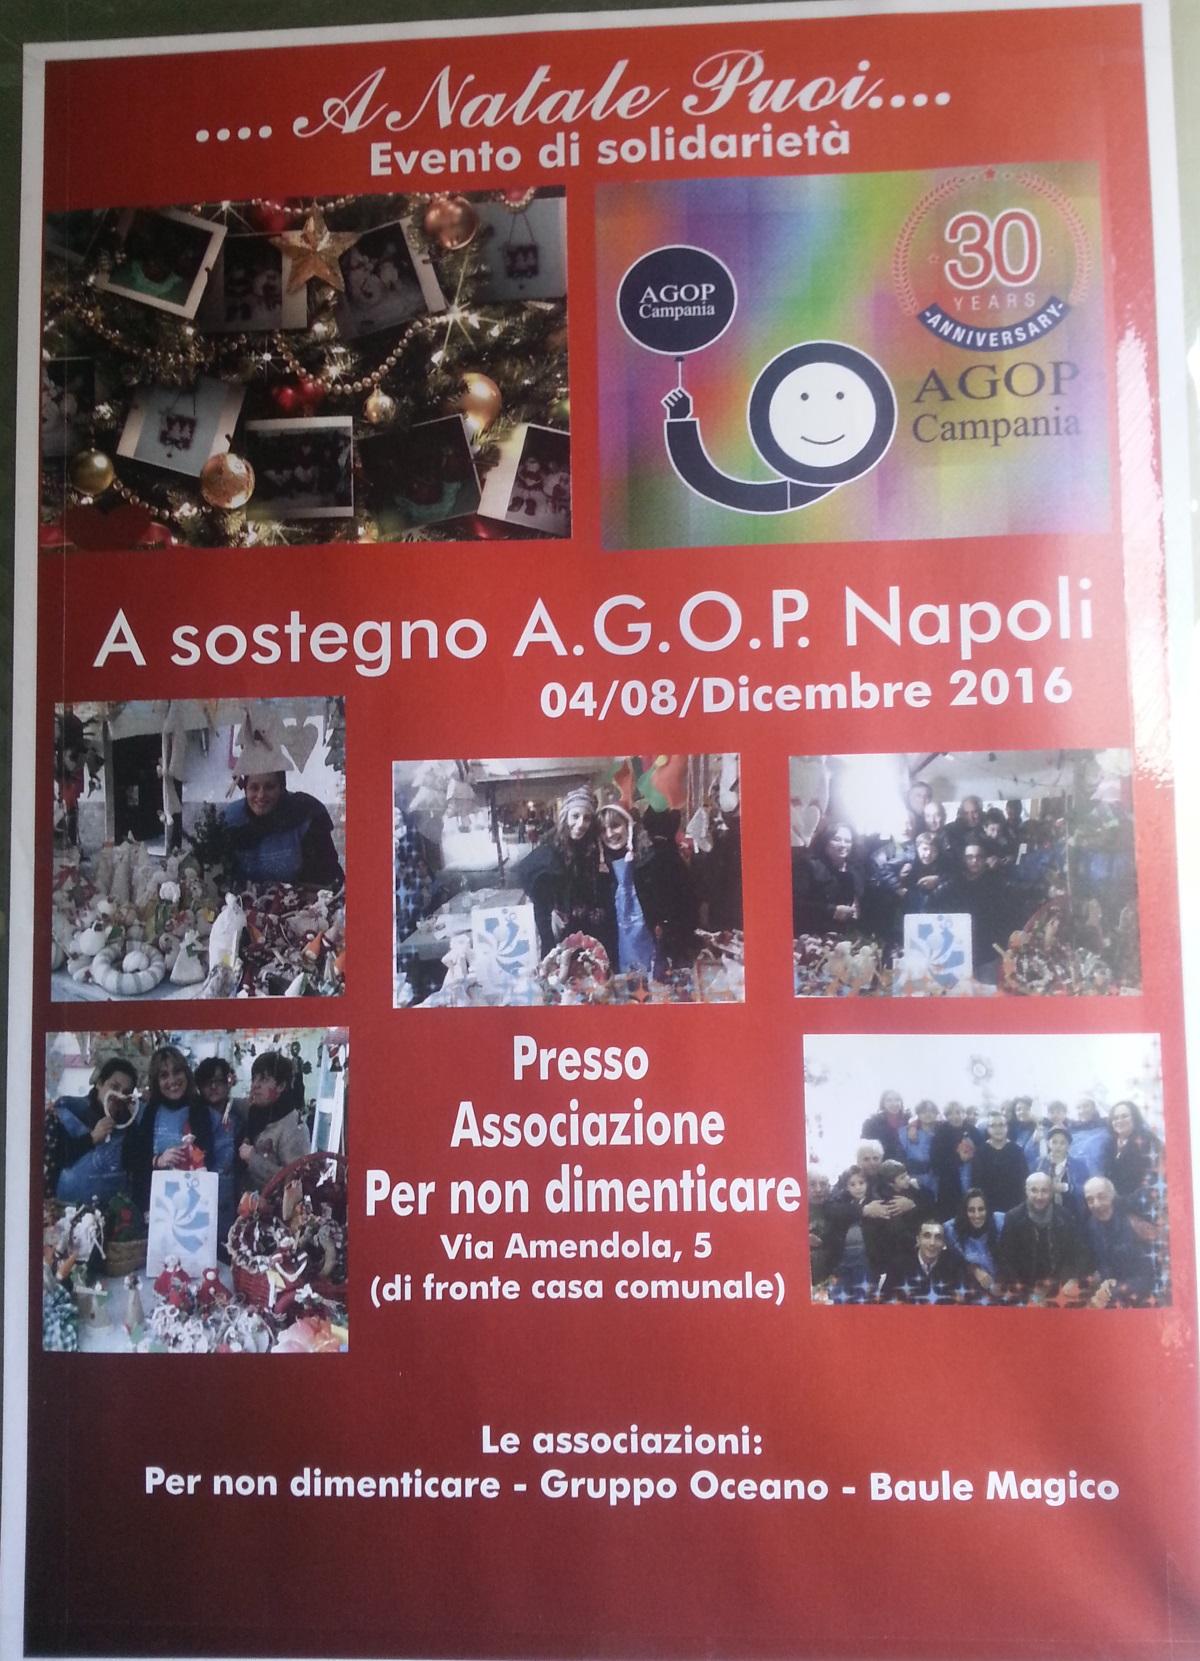 solidarieta-agop-manifesto